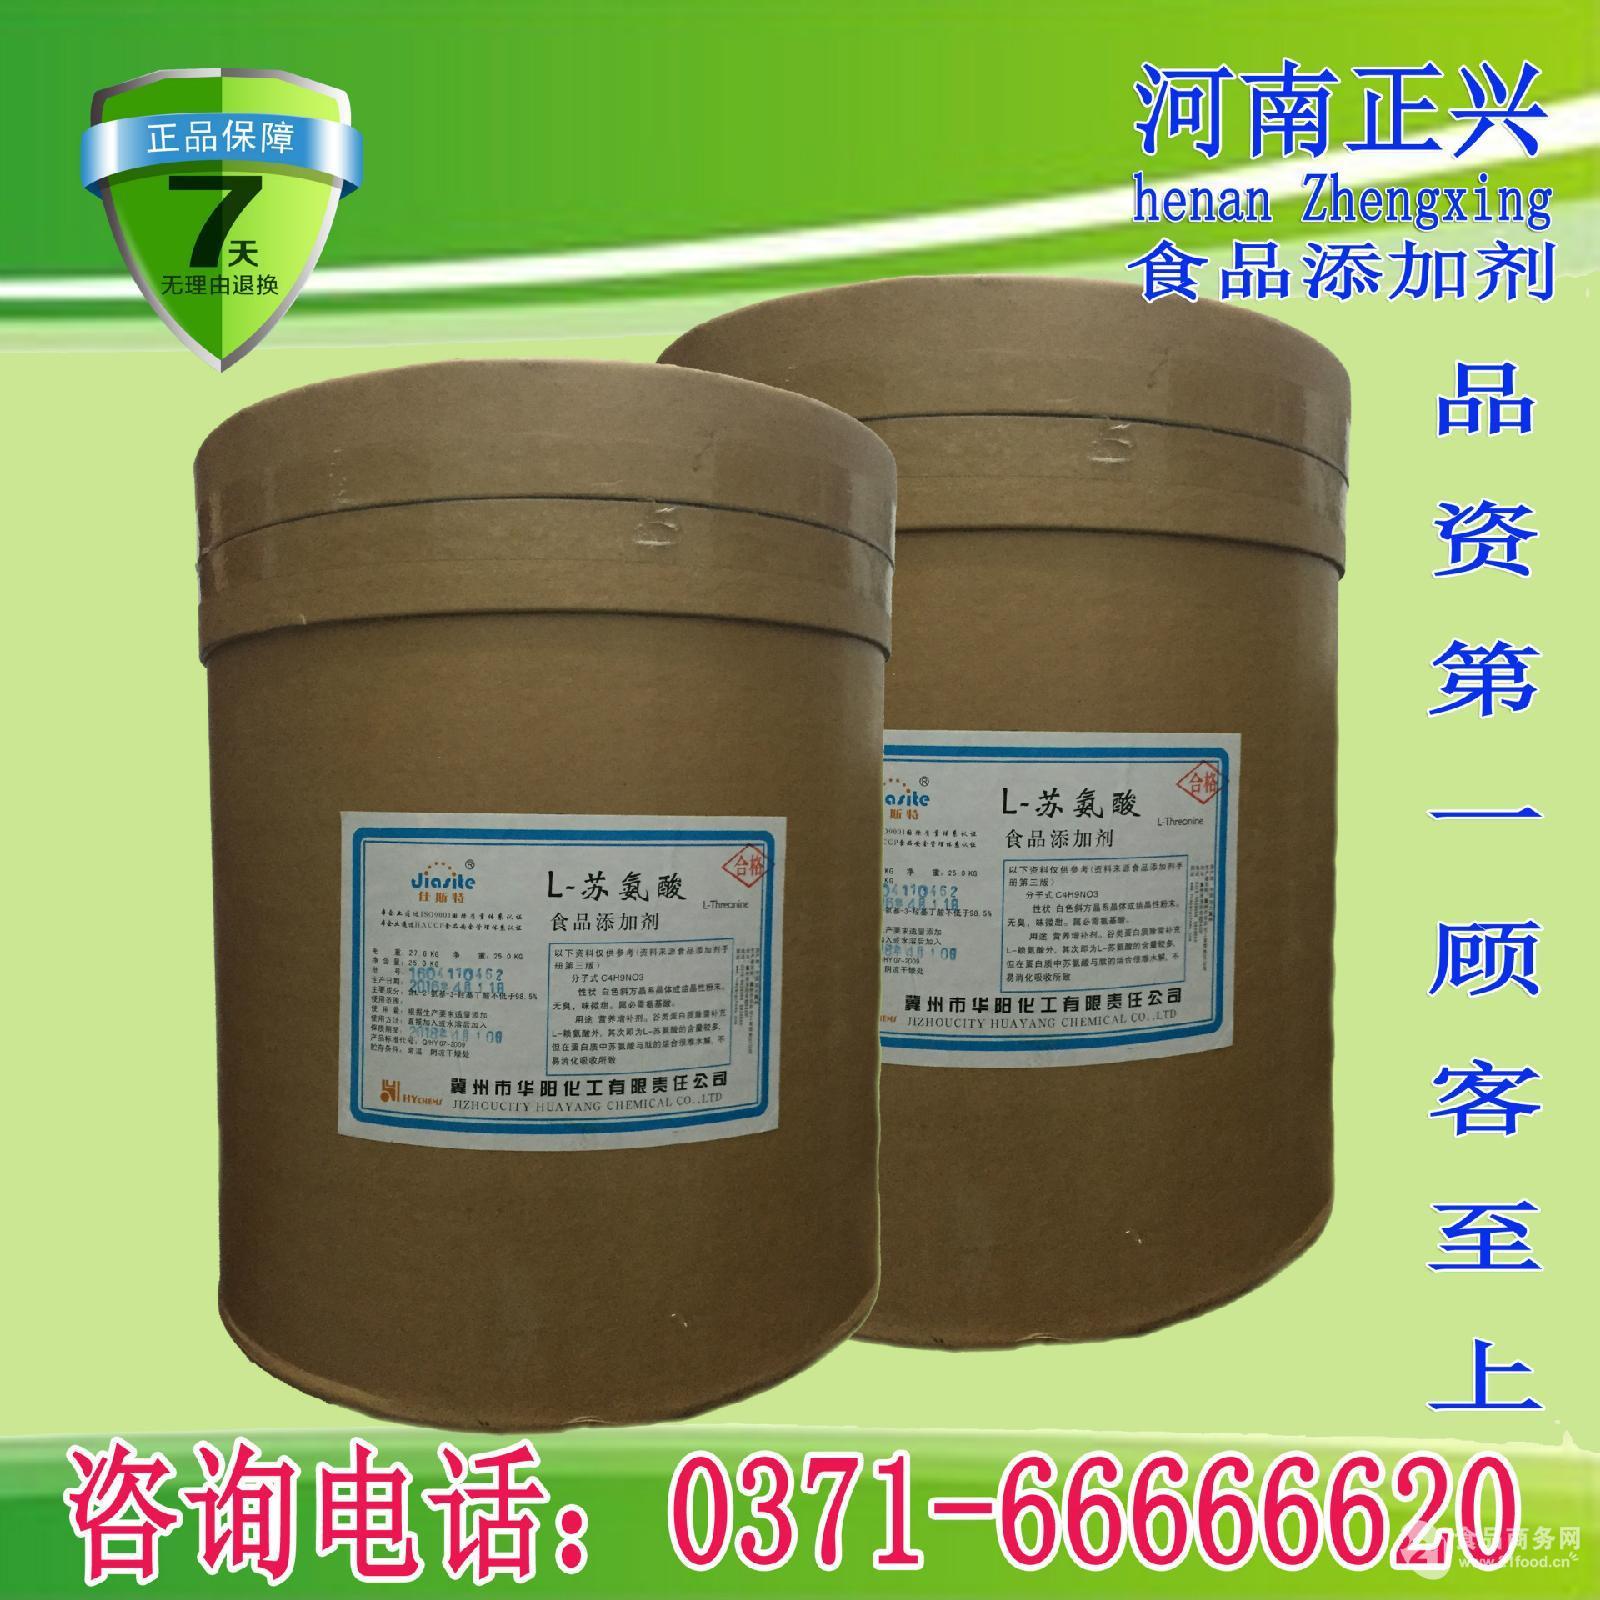 专业供应 食品级 氨基酸 L-苏氨酸 99% 品质